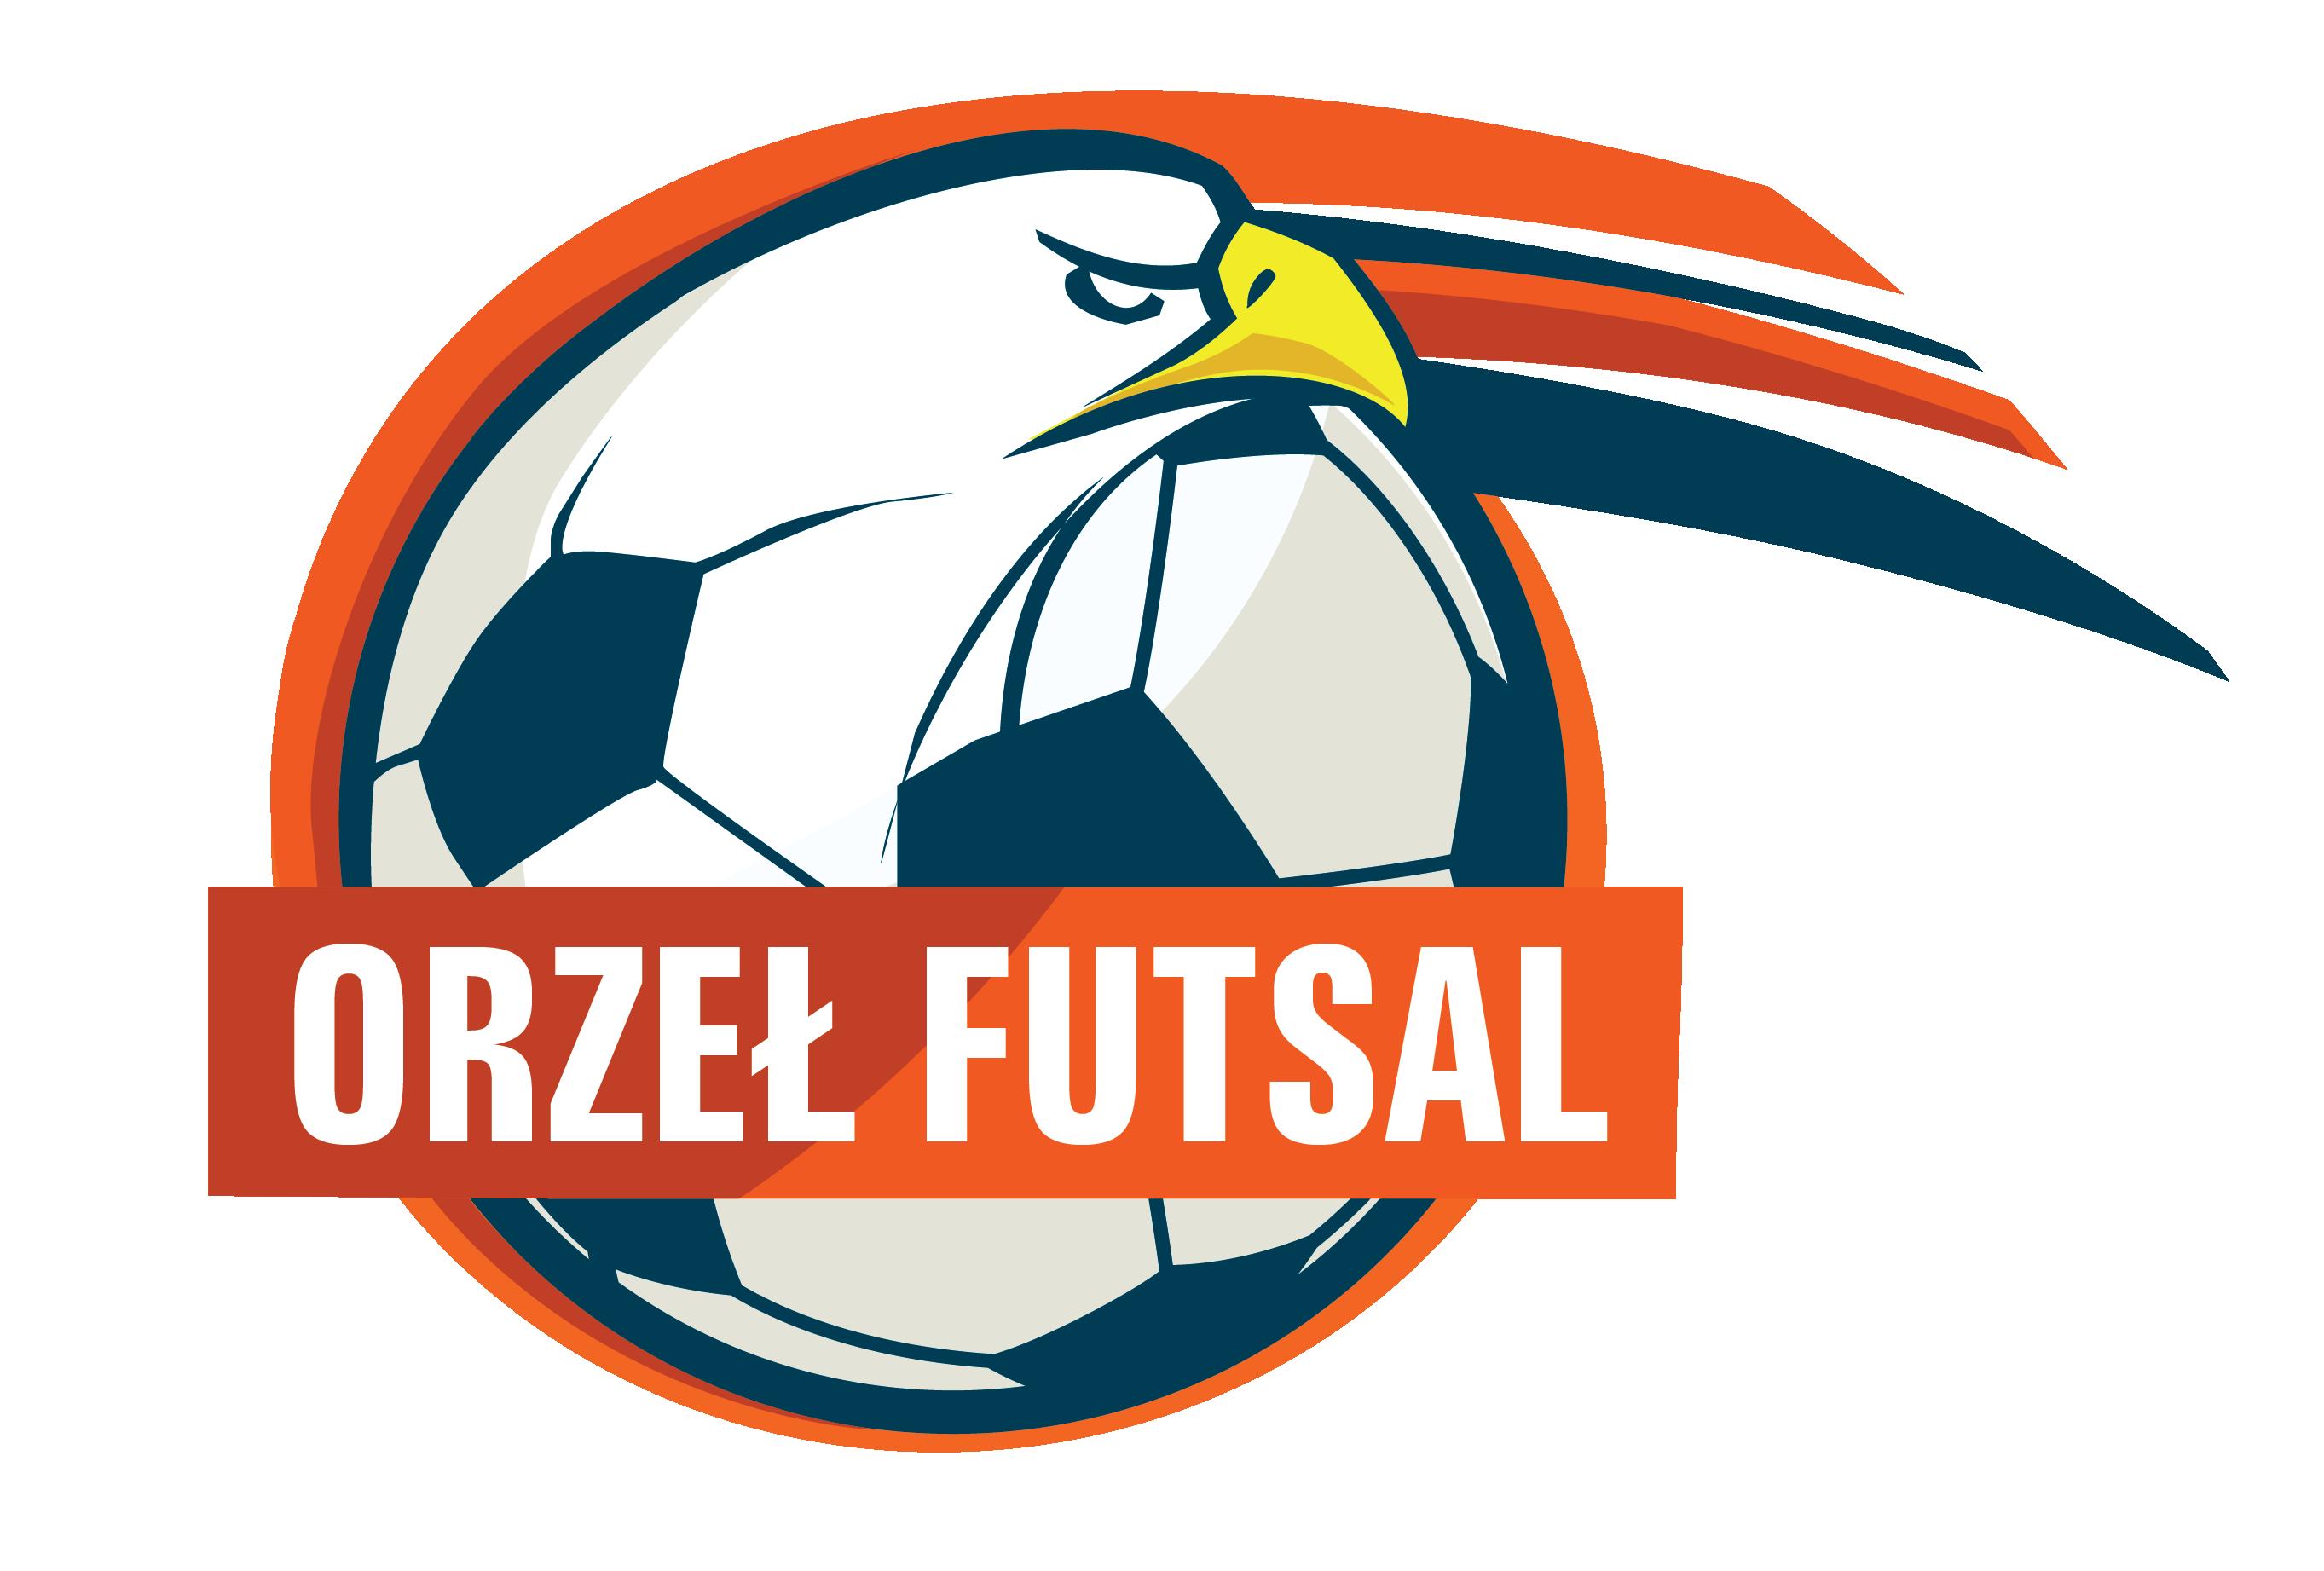 Orzeł Futsal